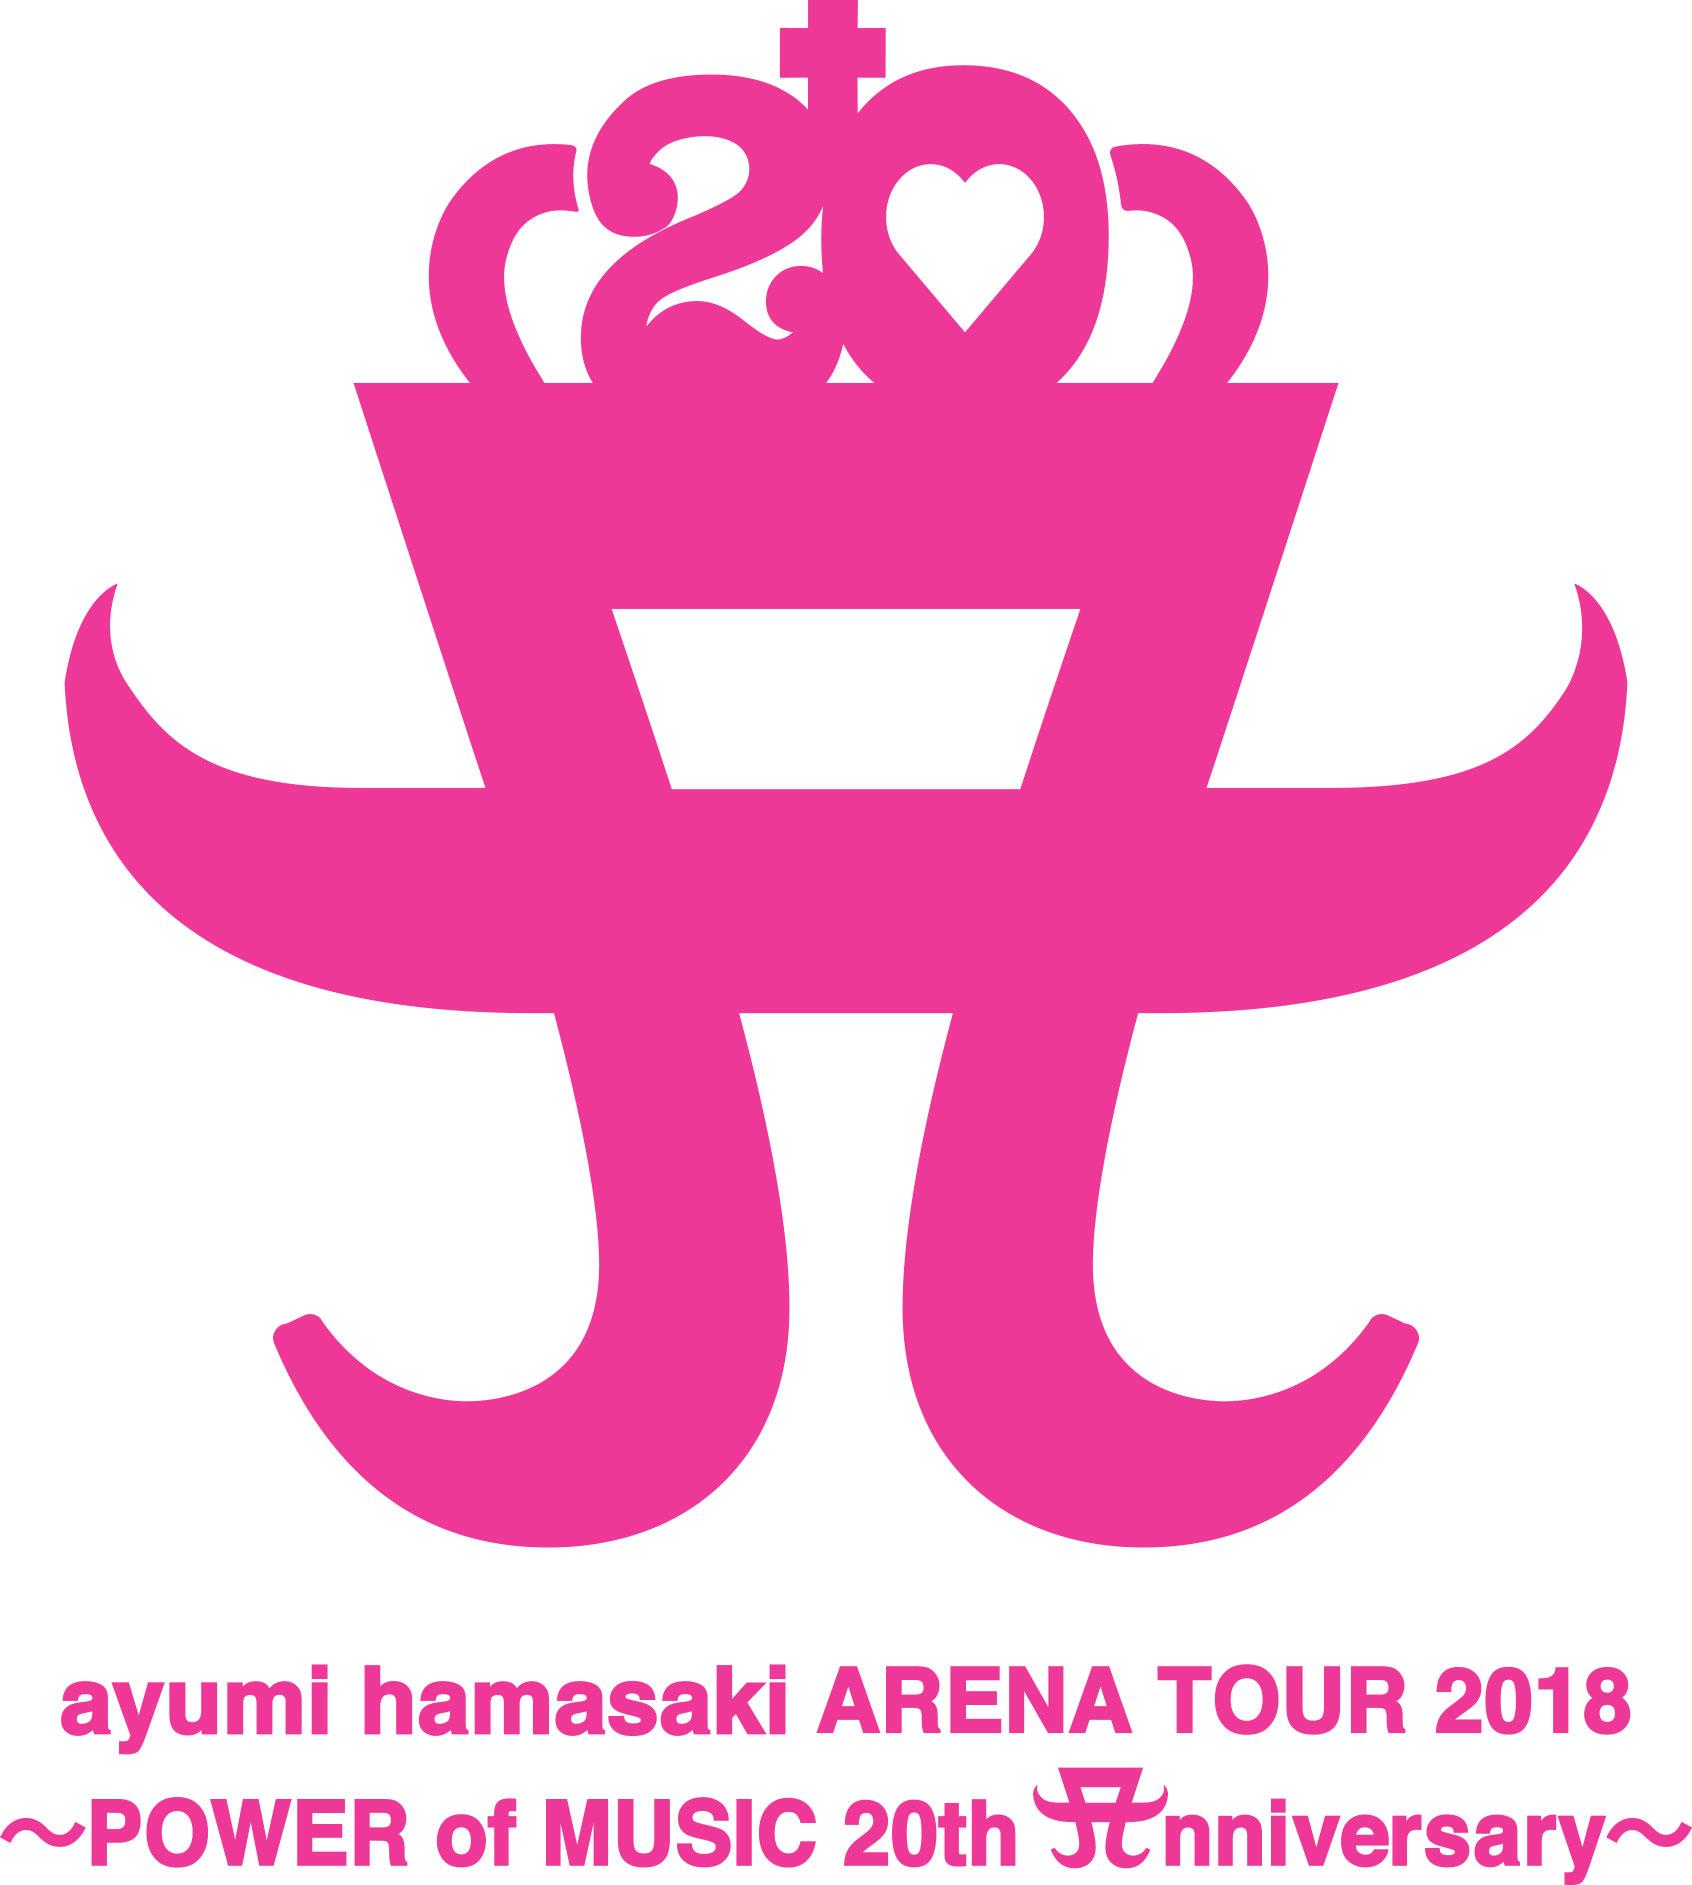 [May 13rd /Fukuoka] ayumi hamasaki ARENA TOUR 2018 ~POWER of MUSIC 20th Anniversary~